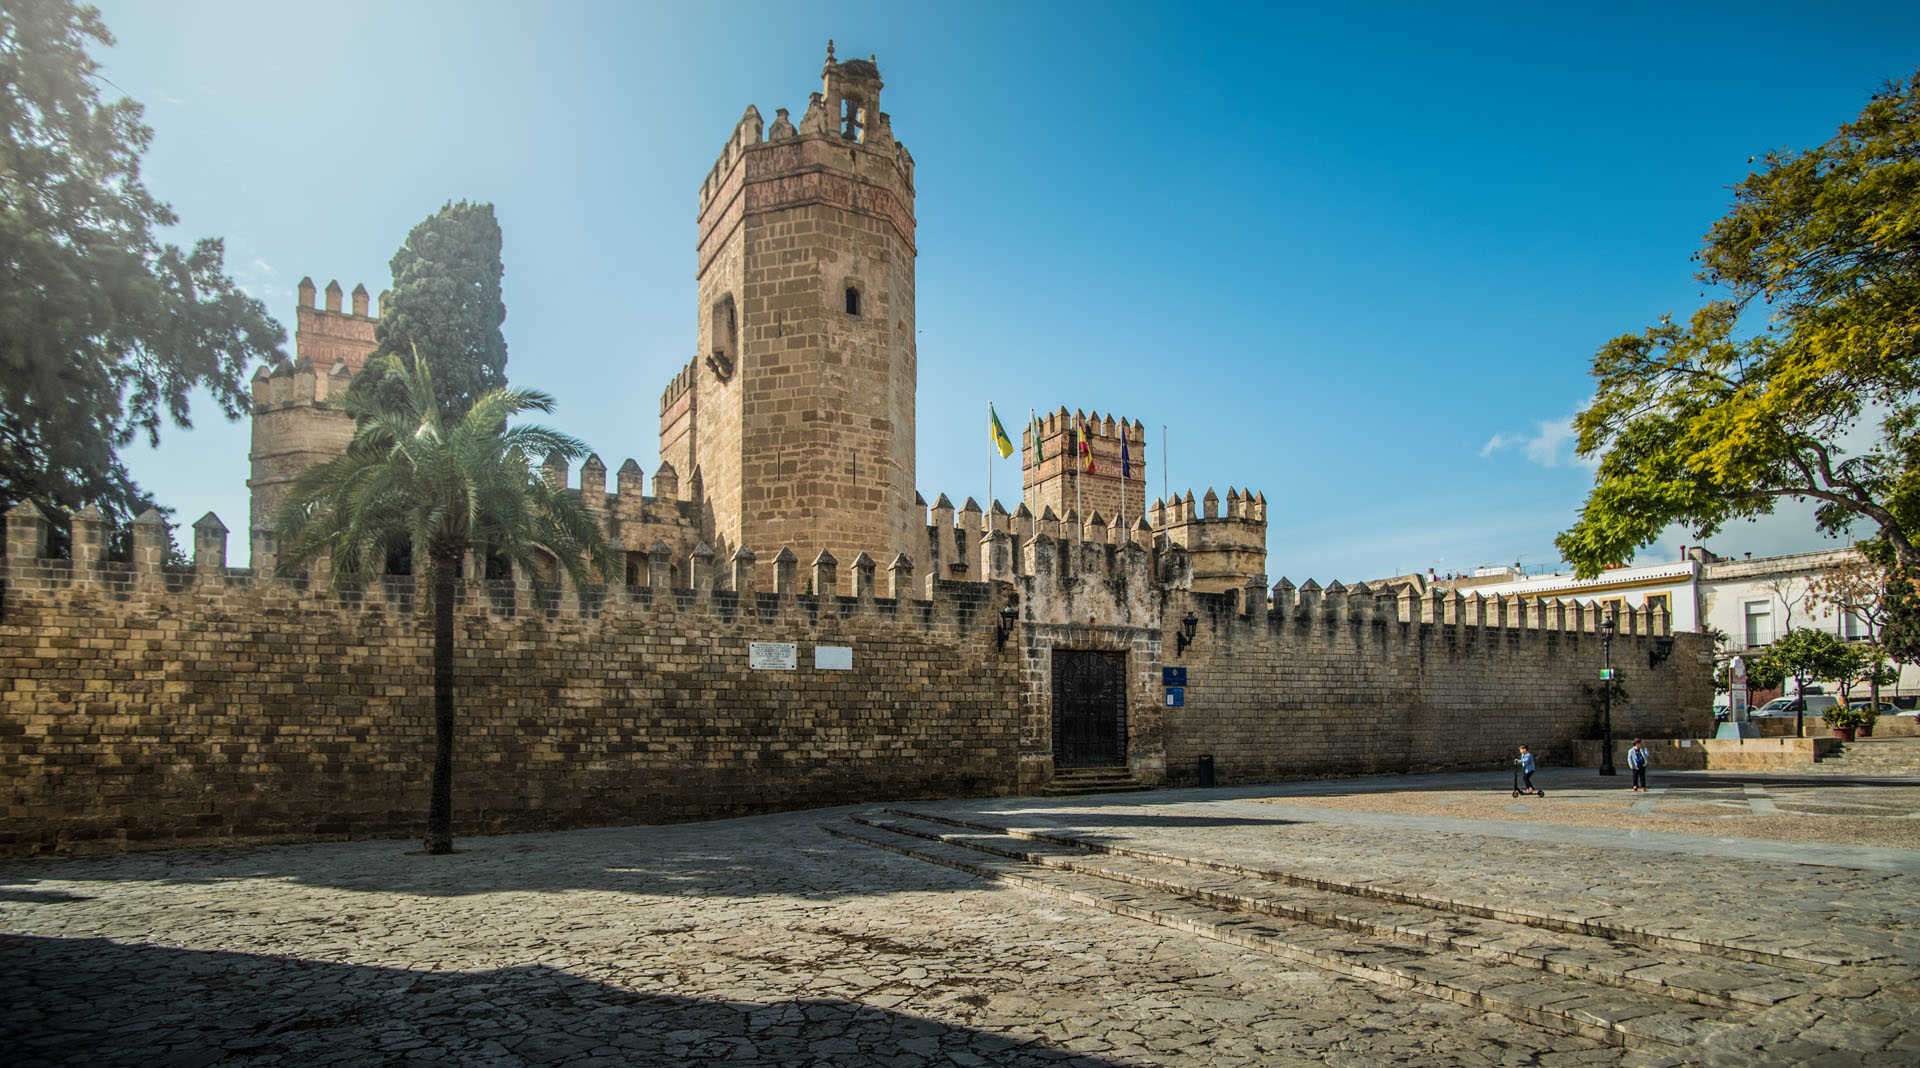 Visita Castillo de San Marcos